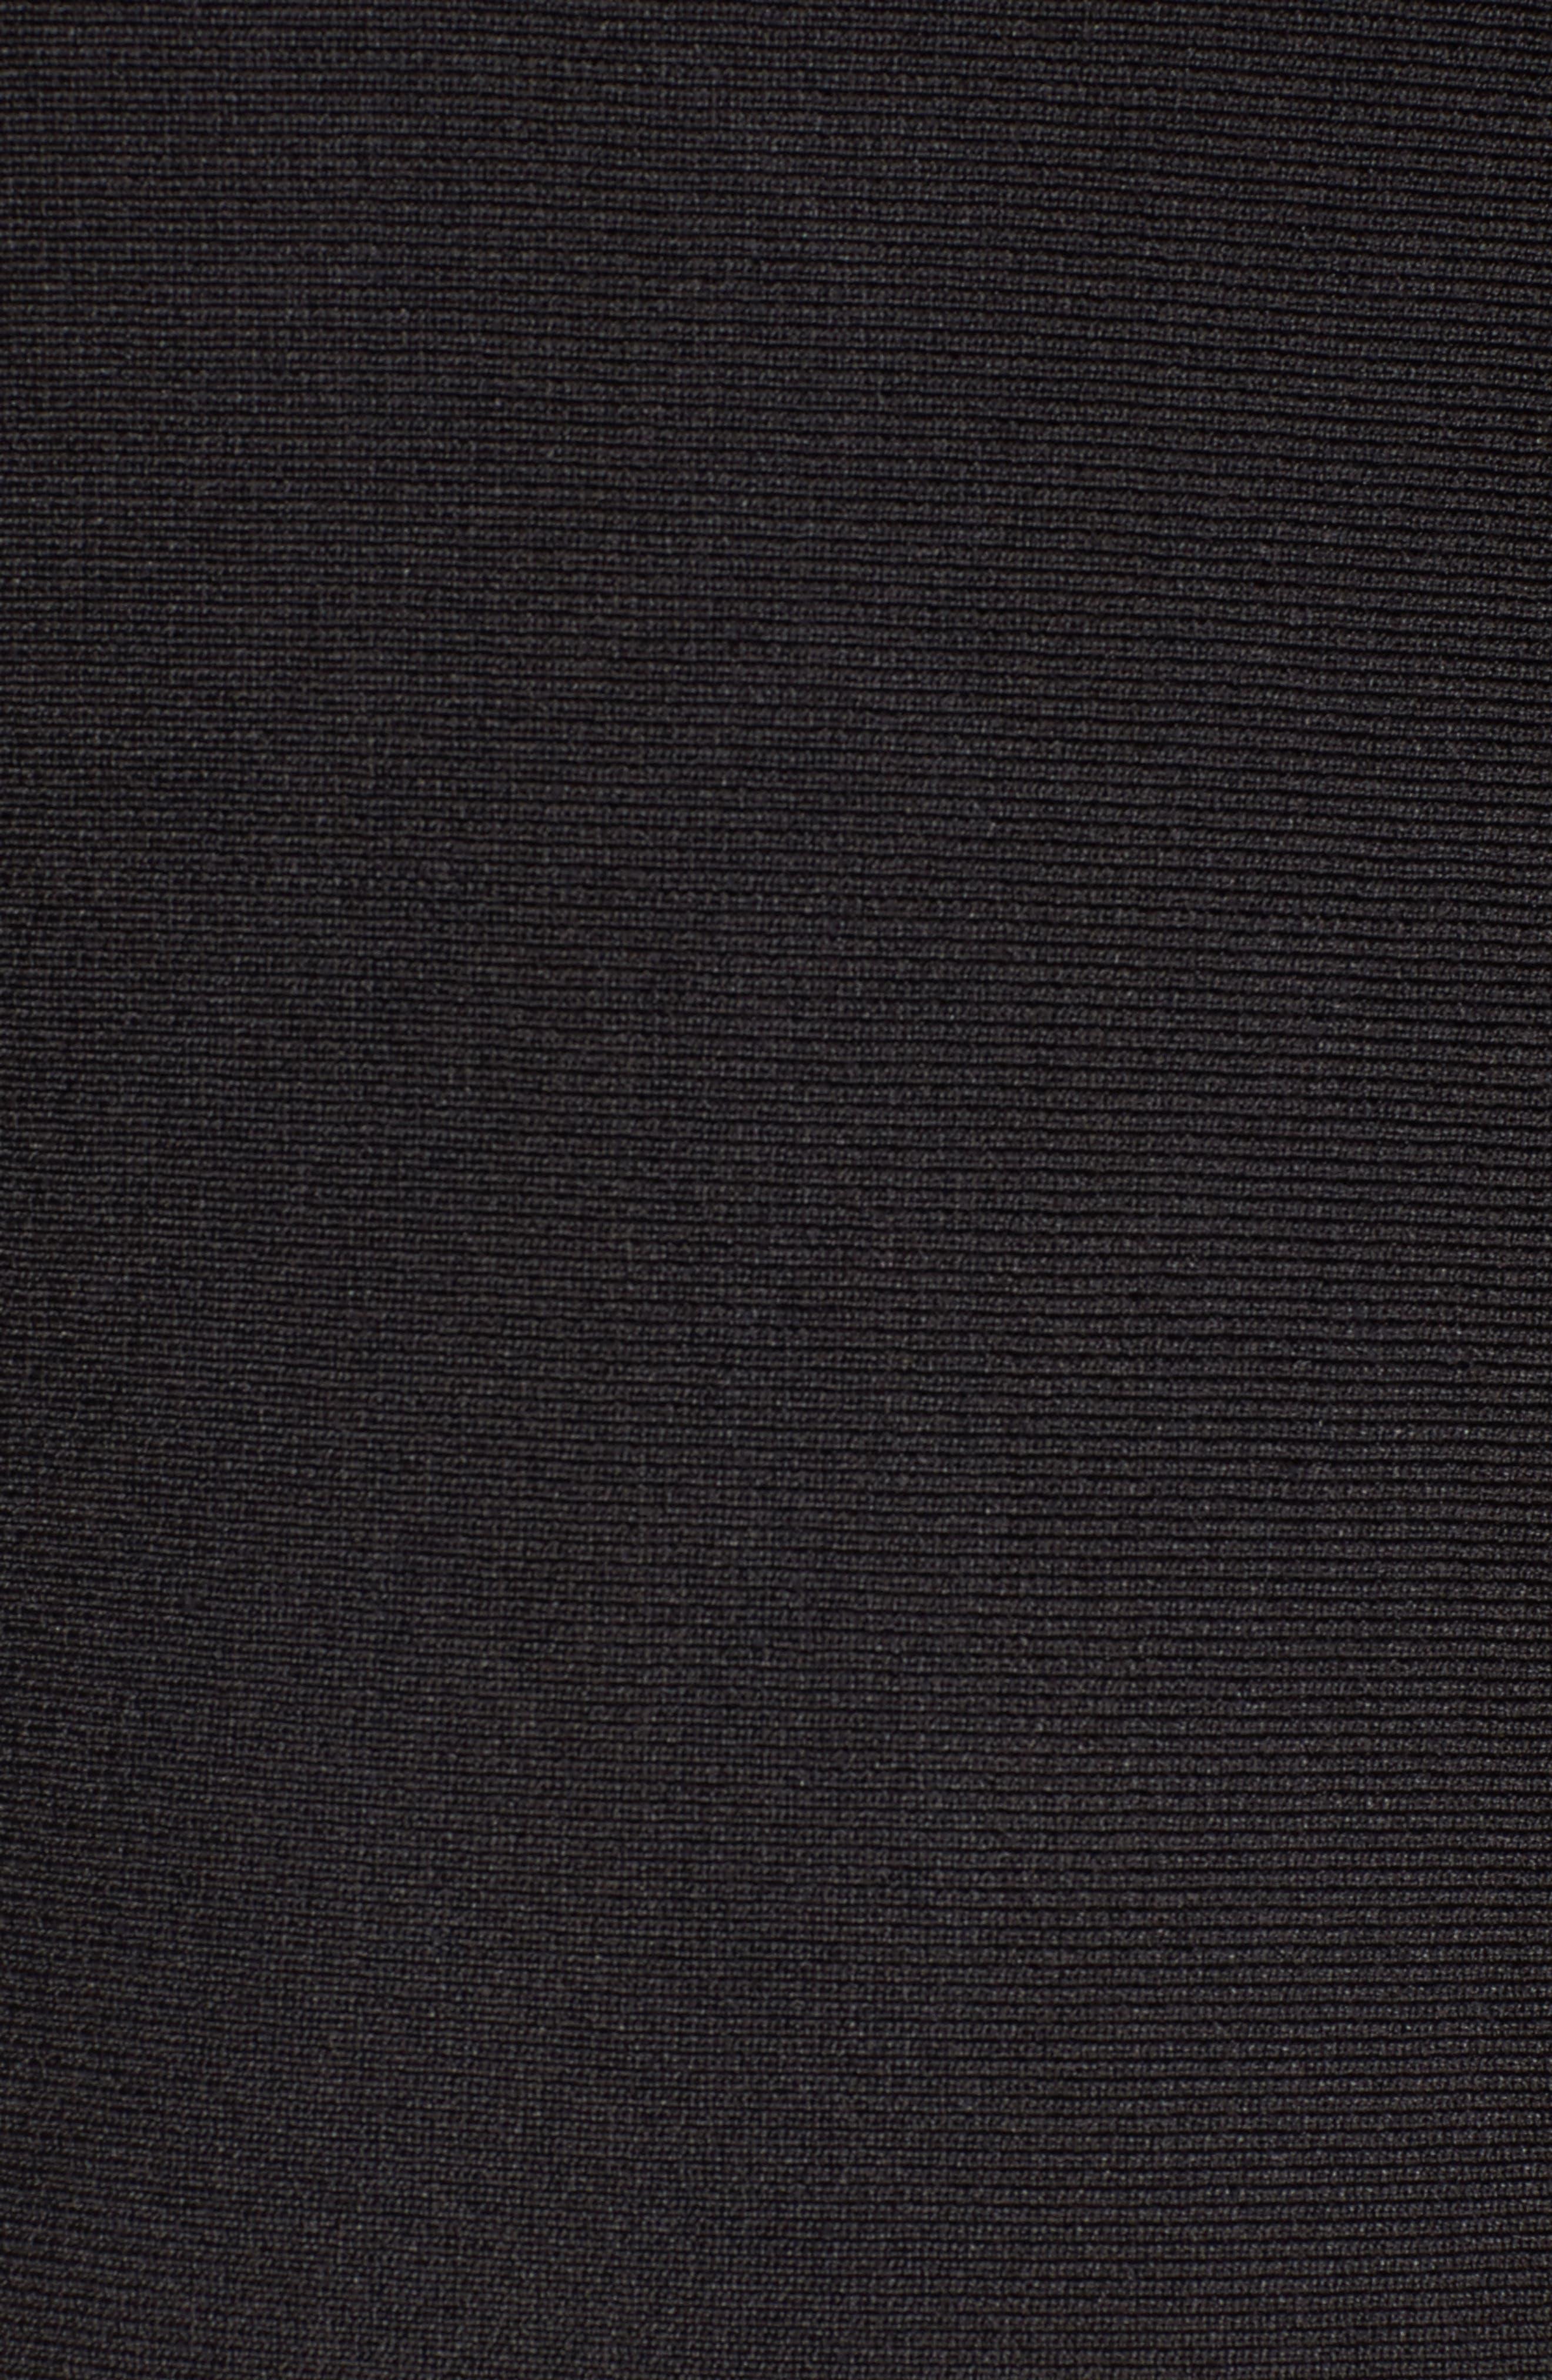 Flared Hem Midi Dress,                             Alternate thumbnail 5, color,                             004